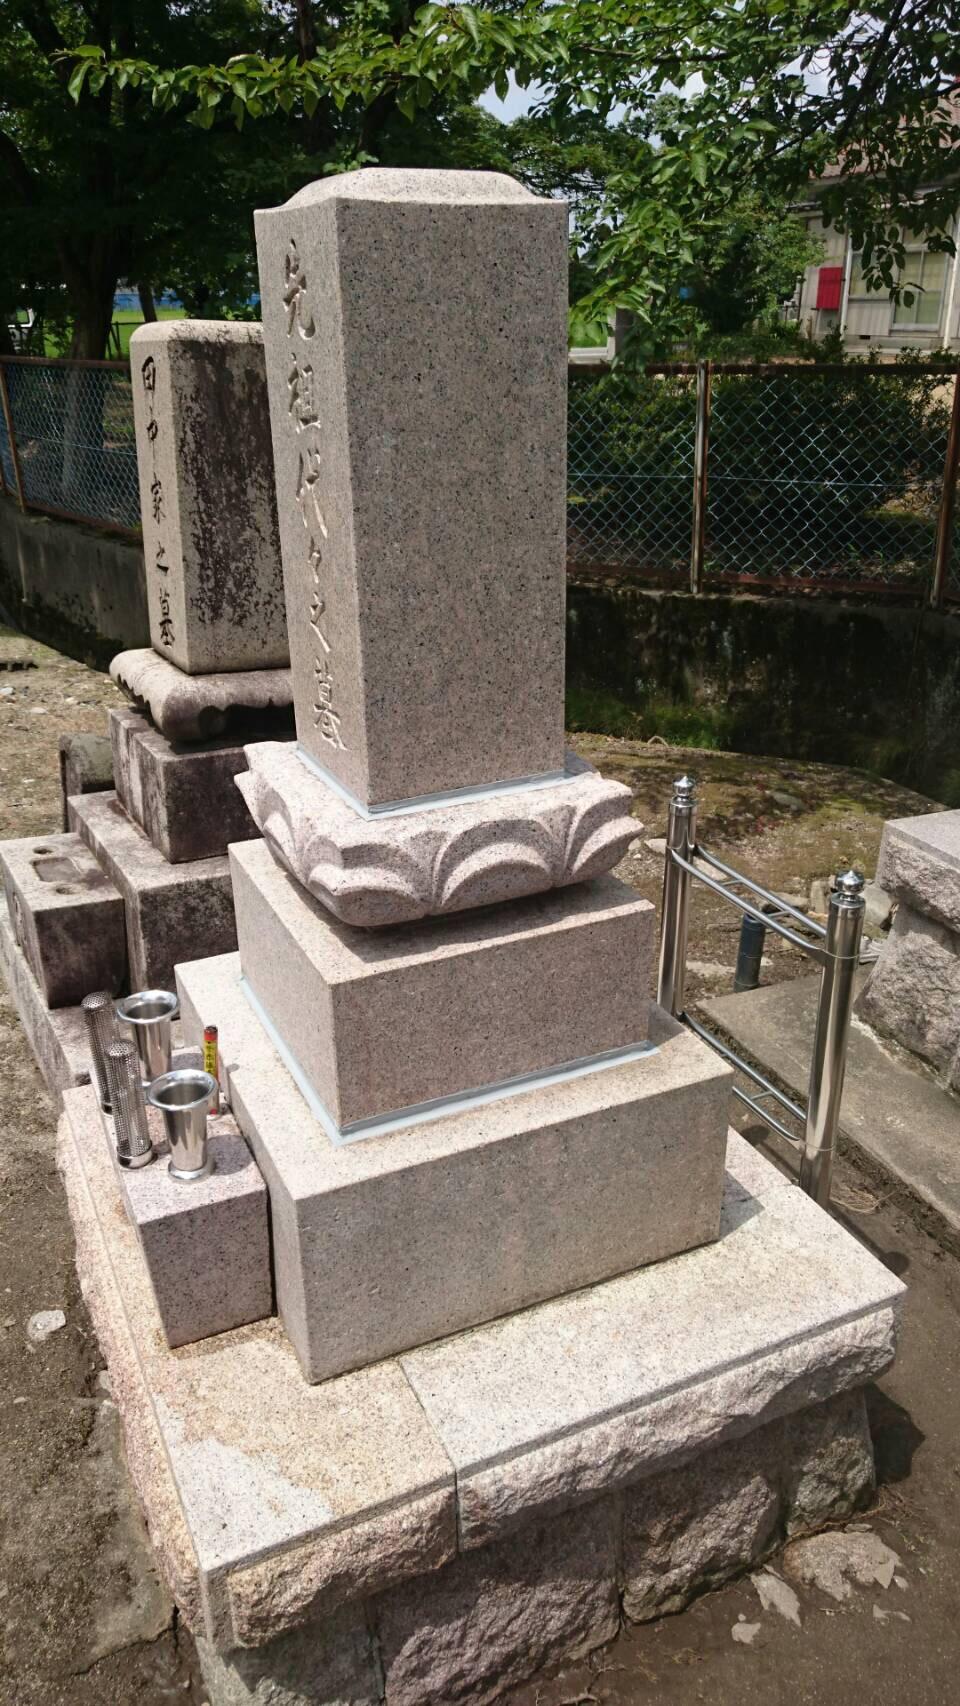 墓石の汚れ エコロビームで綺麗に除去